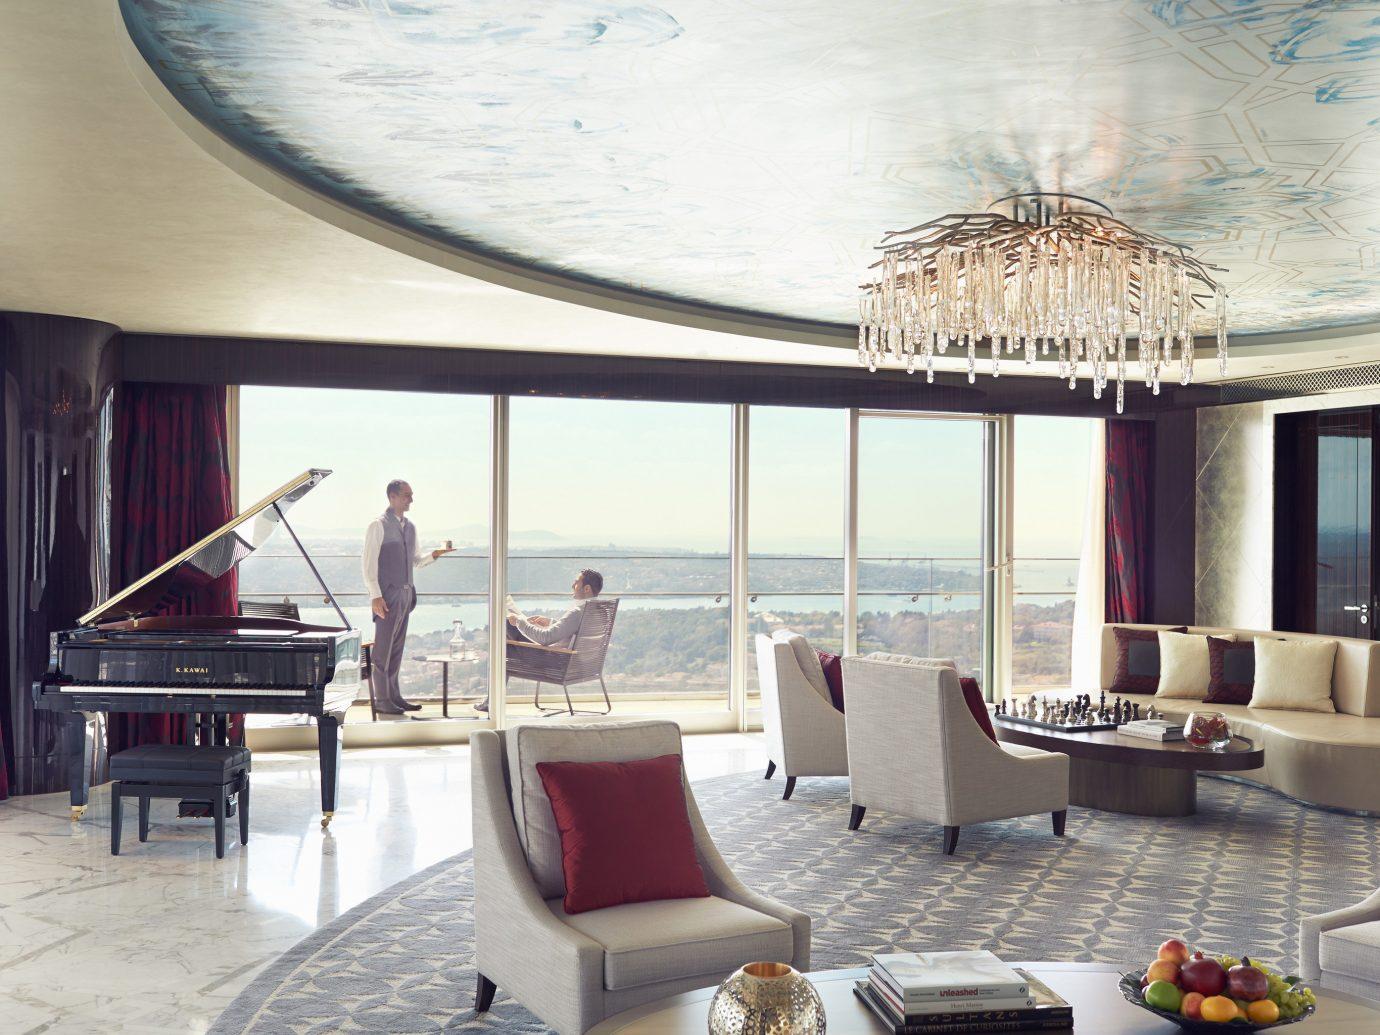 Hotels Luxury Travel indoor room property window Living living room estate interior design home Villa Suite condominium real estate Design mansion Resort apartment furniture